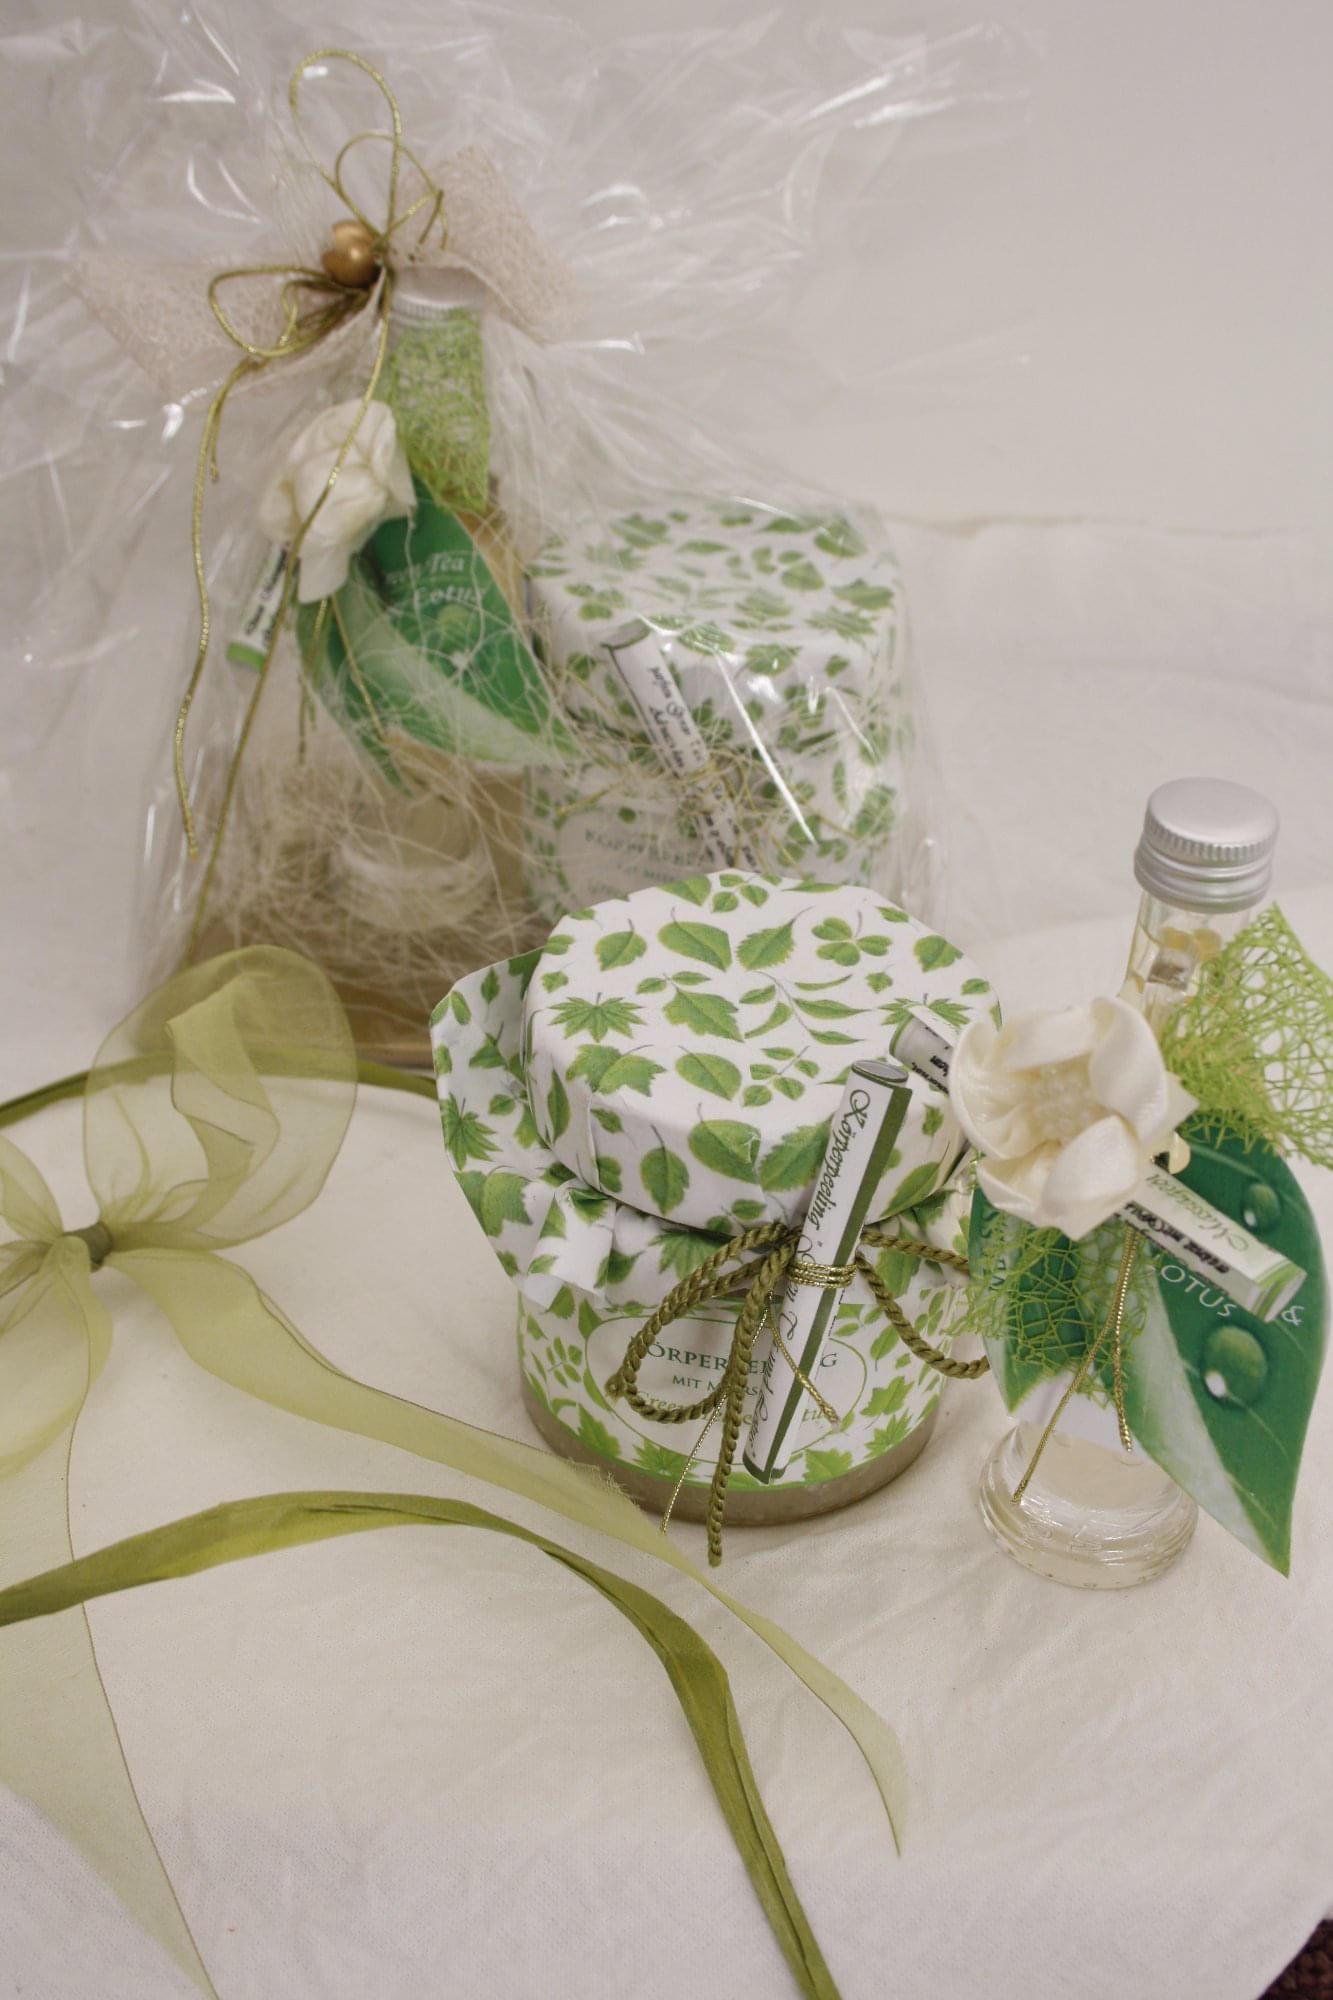 Green tea and lotus flower nature adria kirchberg in tirol green tea and lotus flower izmirmasajfo